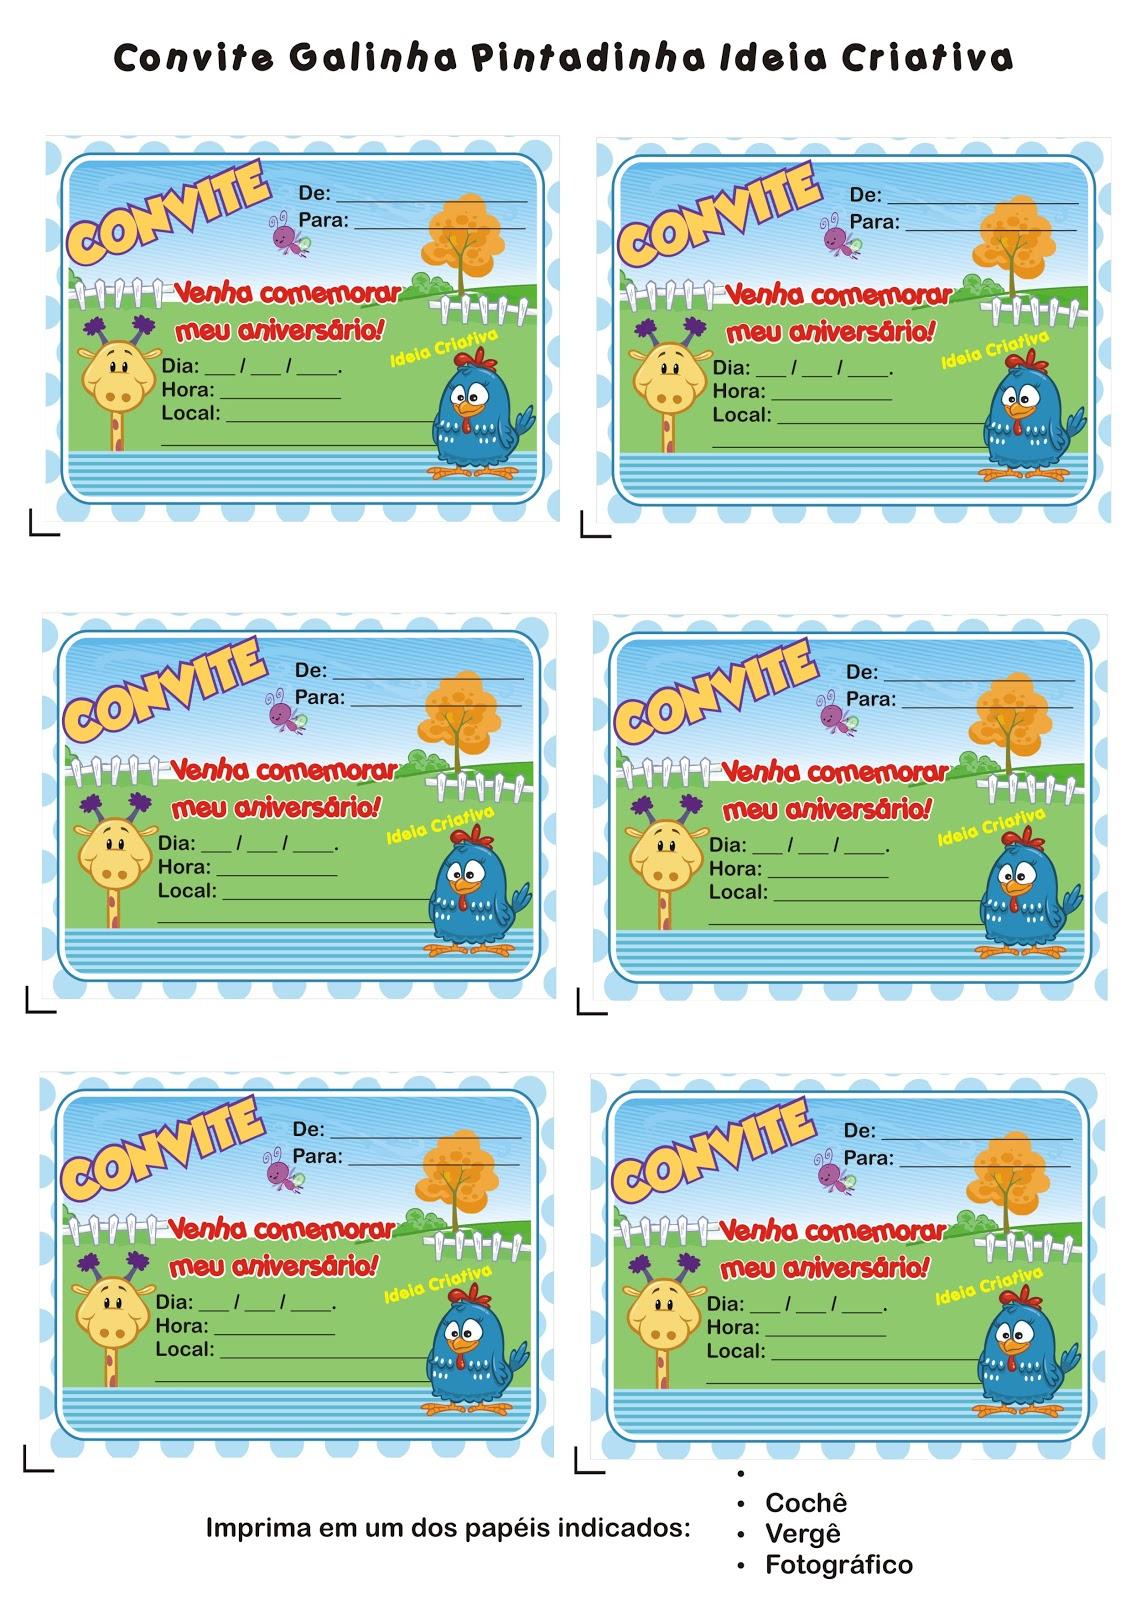 Convites De Aniversário E Festas Infantis Convite Galinha